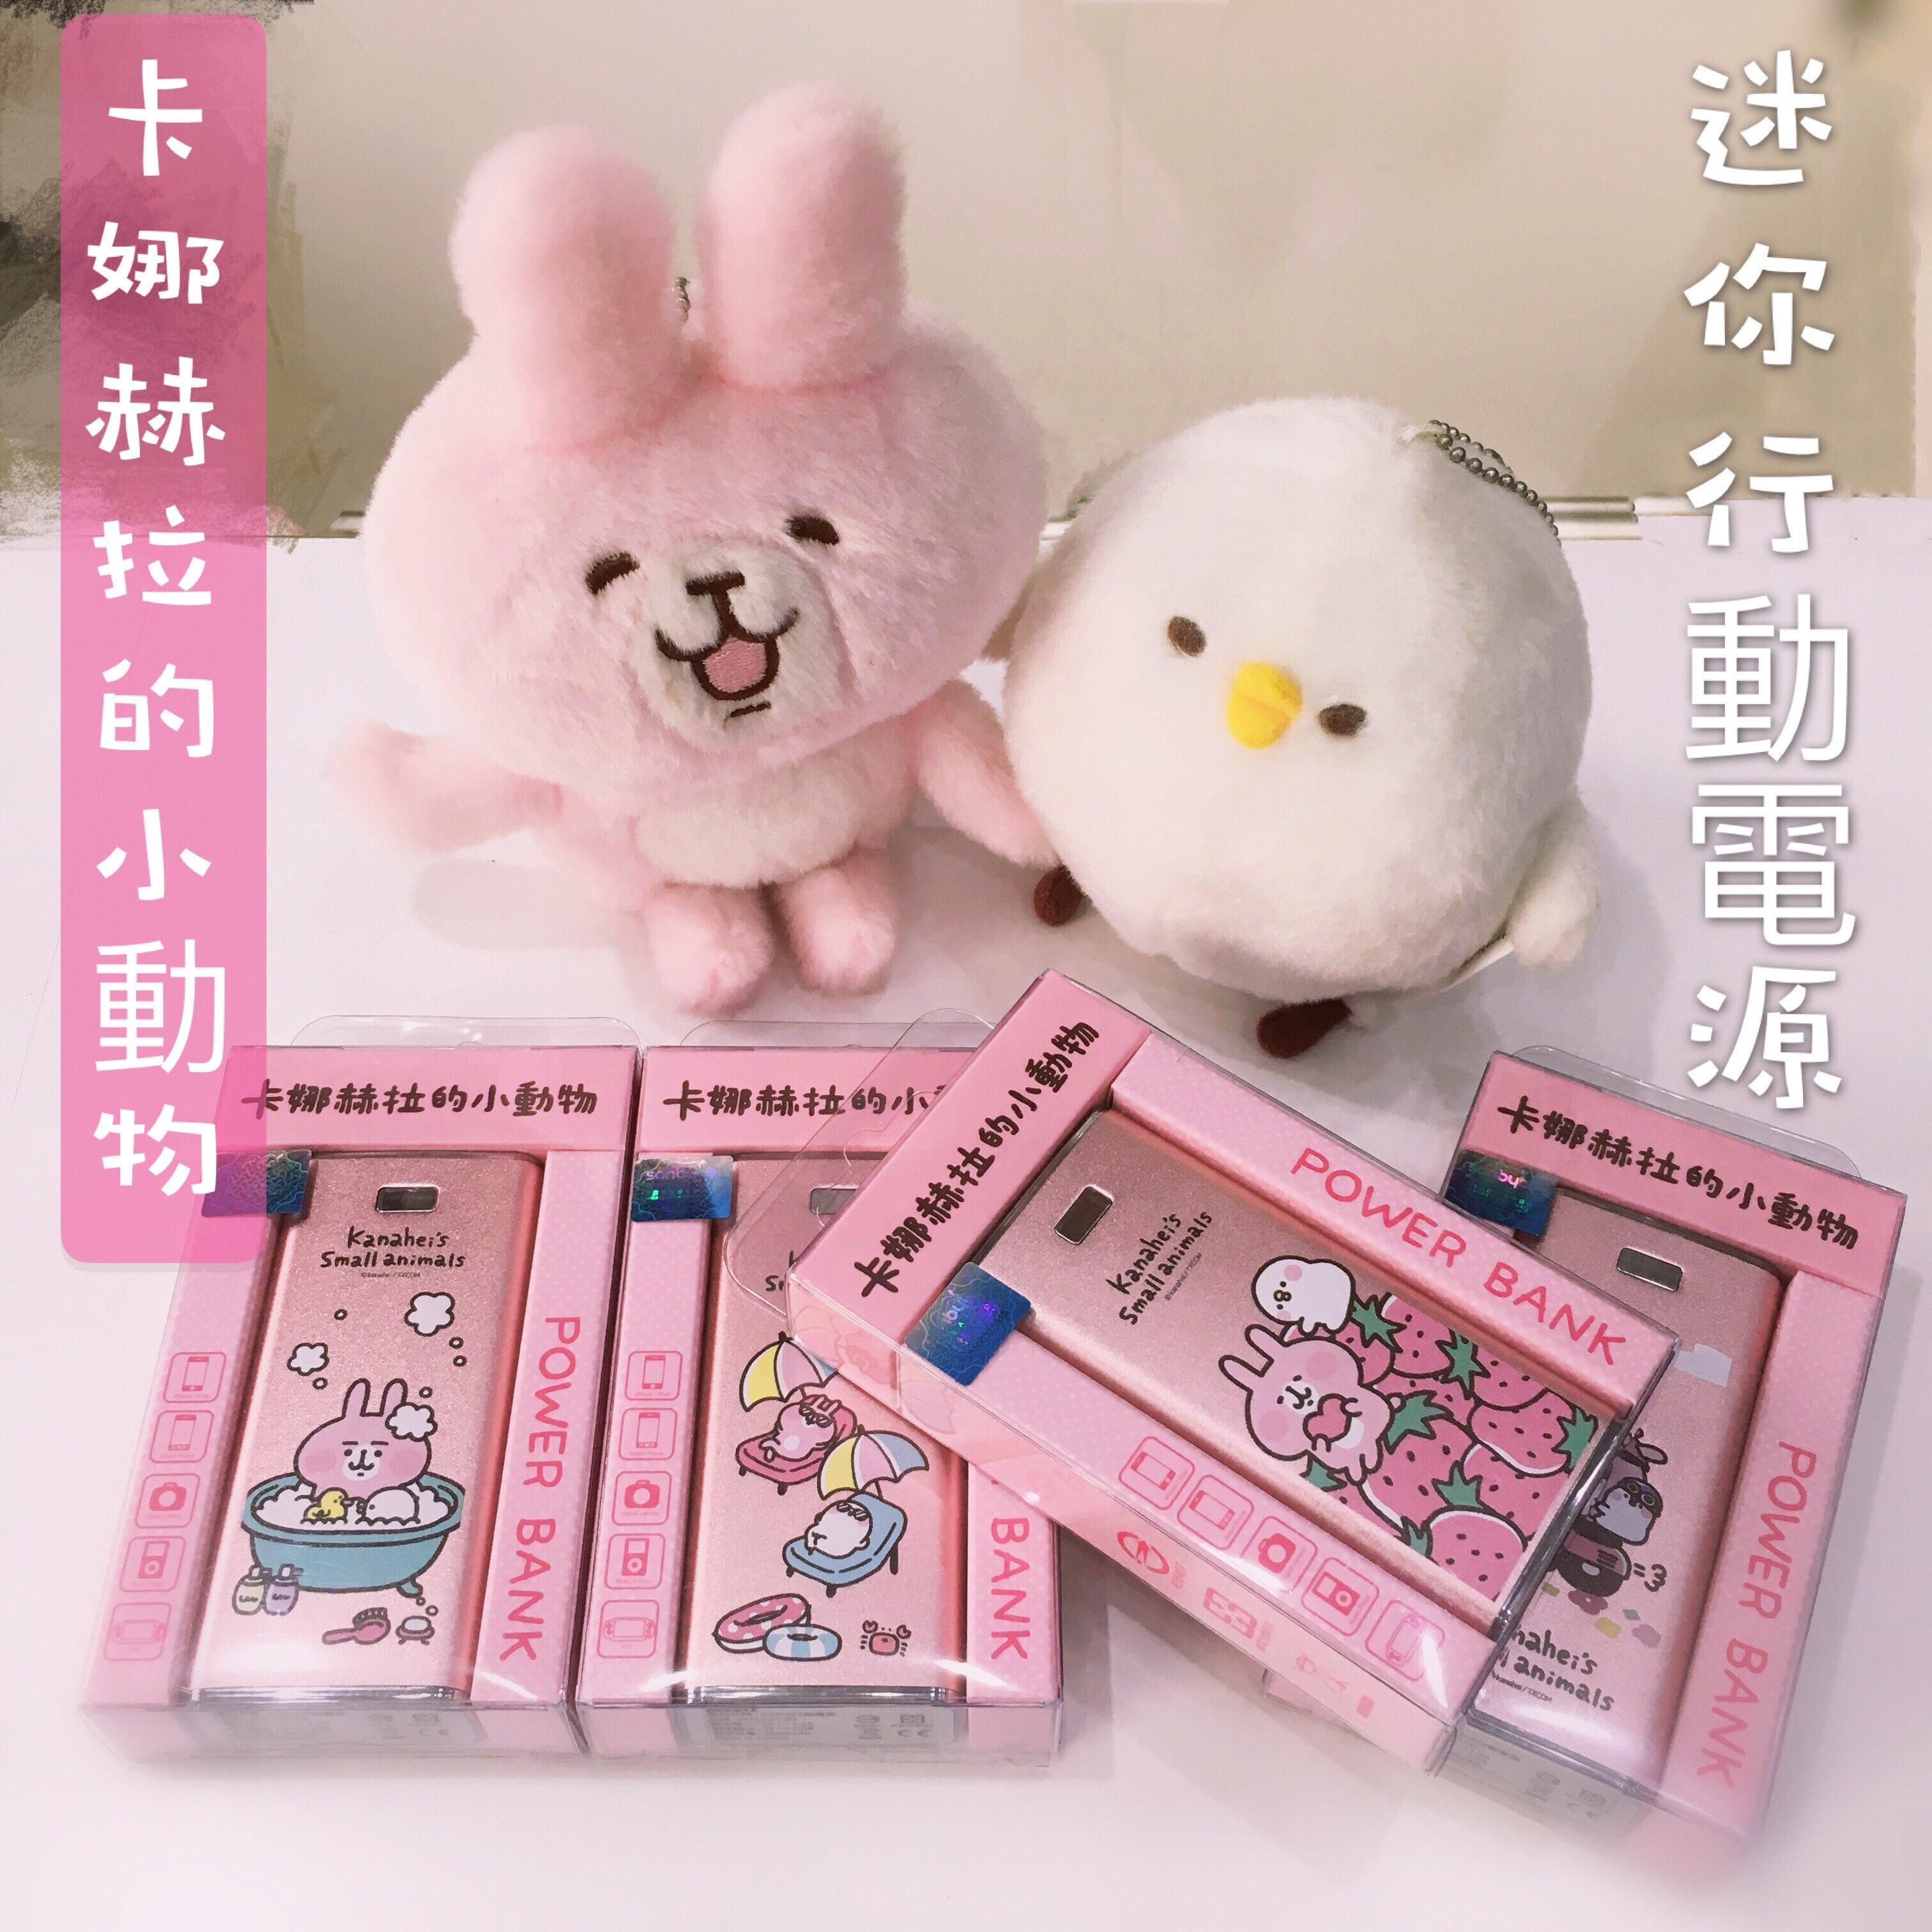 現貨 出清 卡娜赫拉 P助 兔兔 台灣製造 行動電源 正版授權 2800mAh 快充 旅充 方便攜帶 【手機周邊大平台】